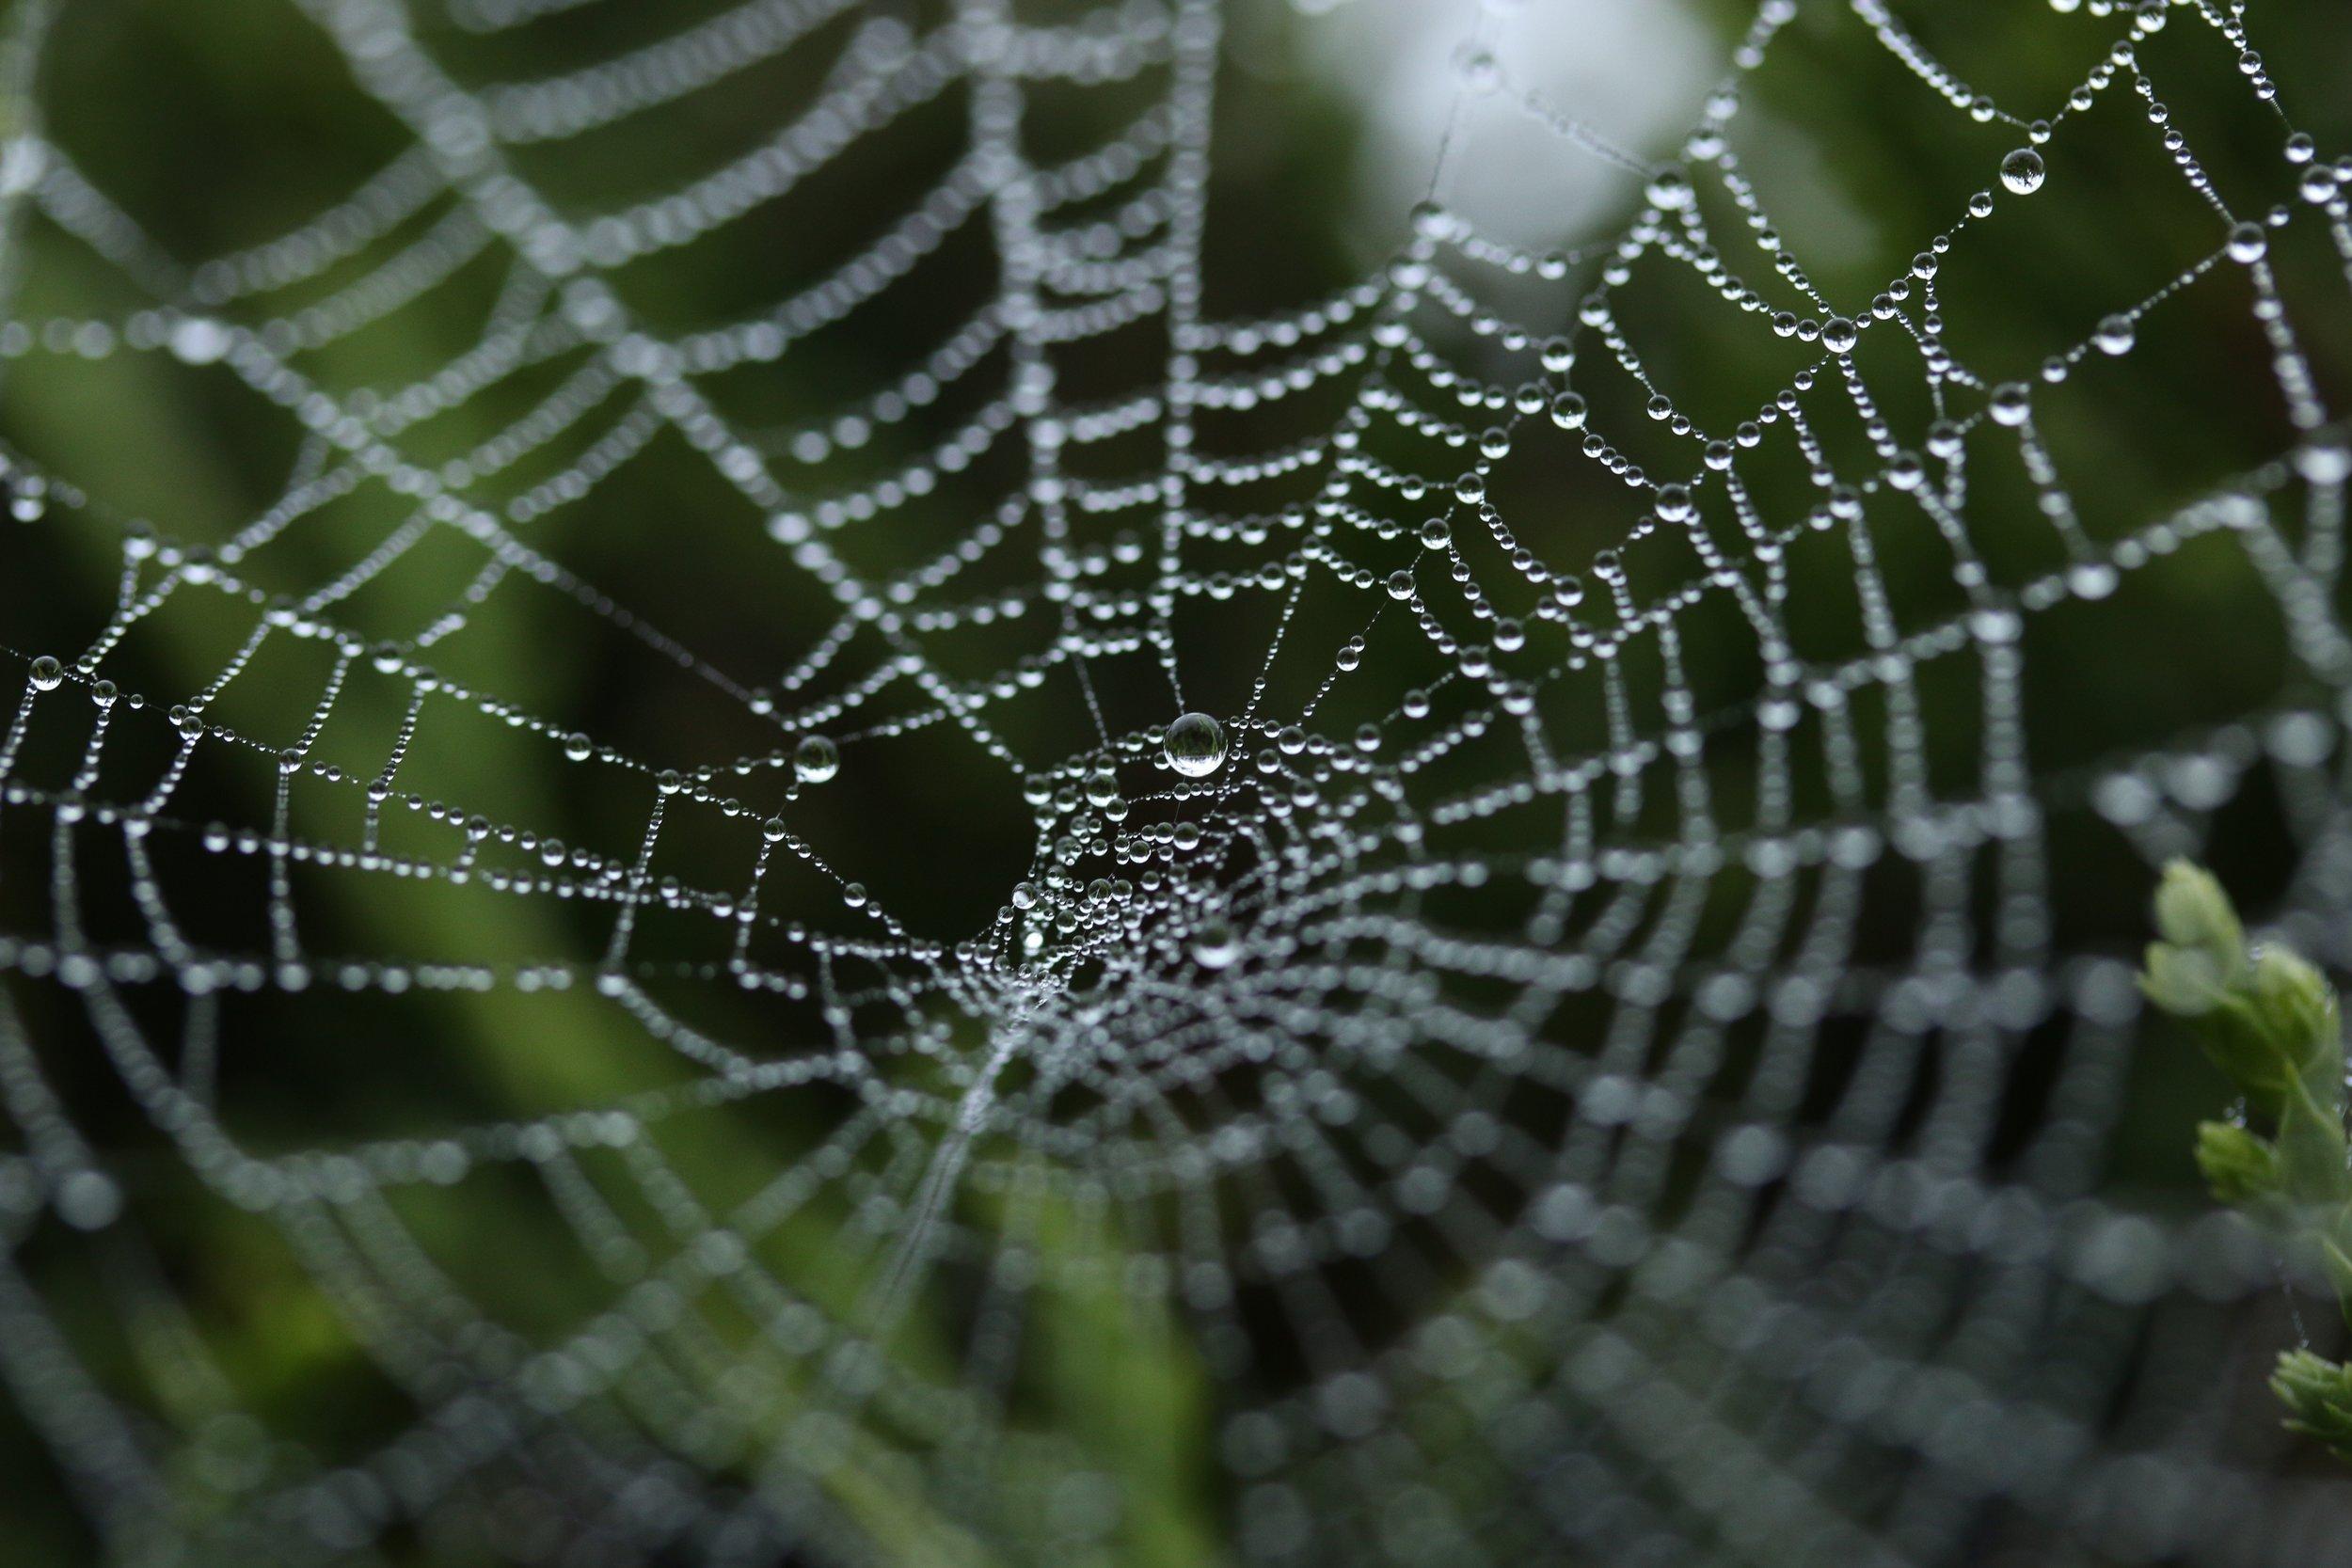 When-your-mother-dies-spiderweb.jpg